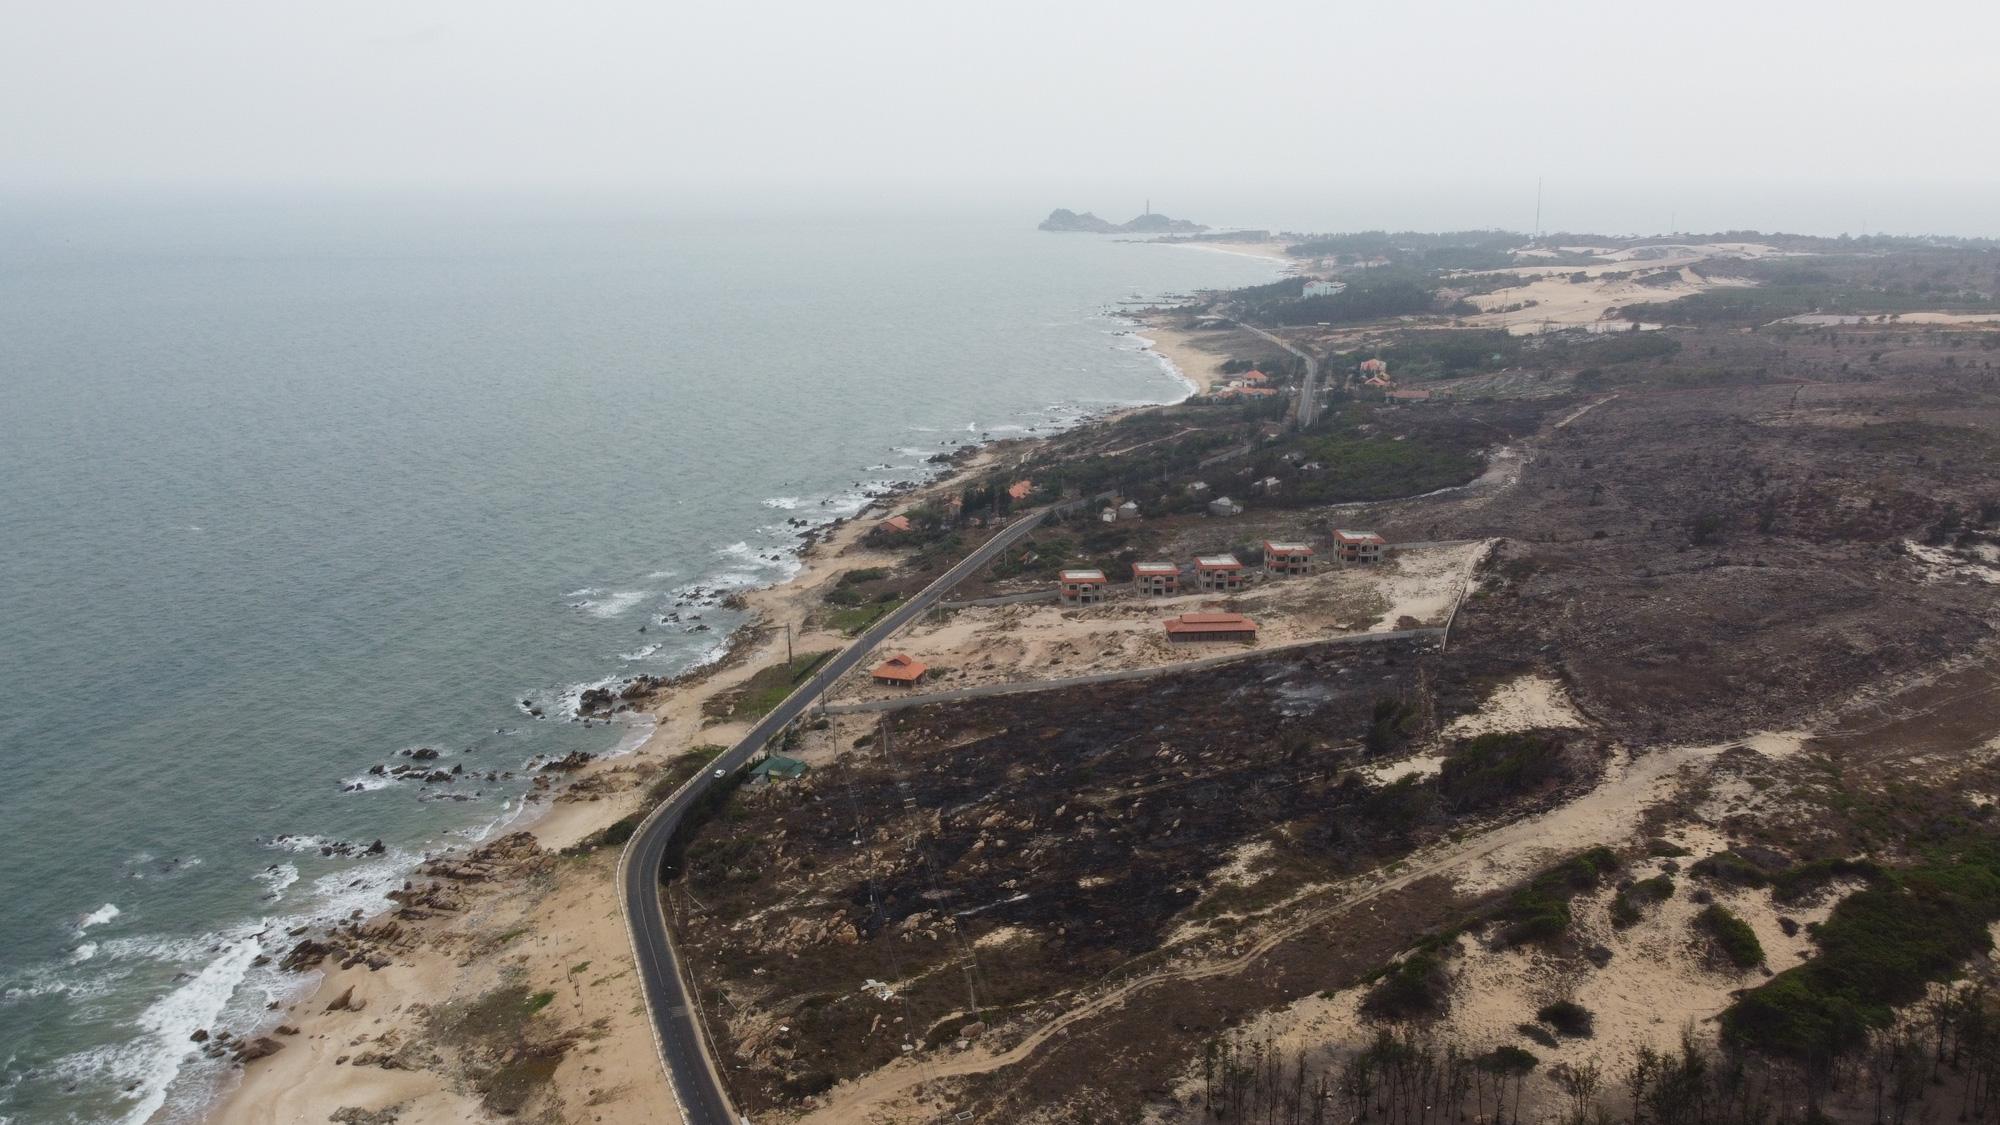 Bình Thuận rút ngắn thời gian thi công đường ven biển Phan Thiết – Kê Gà còn 30 tháng - Ảnh 2.